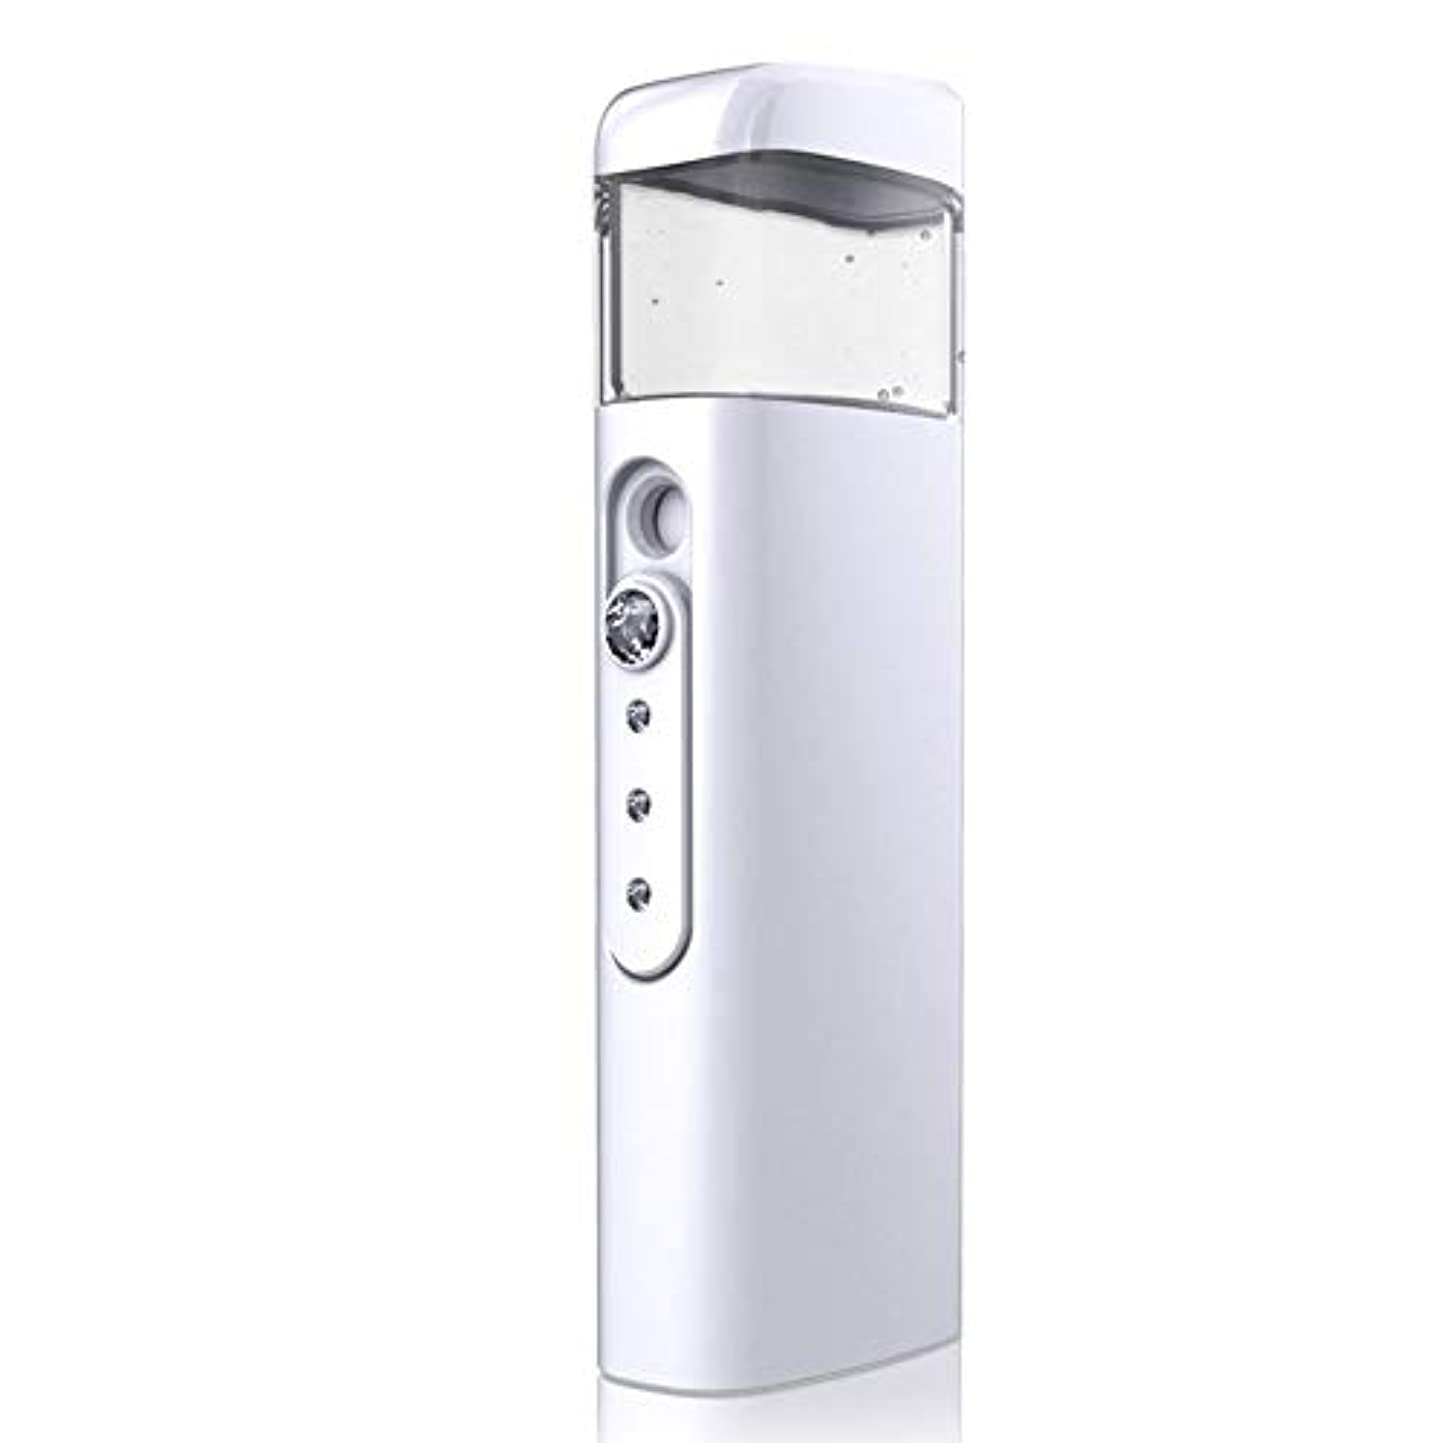 自分を引き上げるインカ帝国適合30ml視覚水Makeが付いている携帯用顔の保湿のスプレーヤー、スキンケア、構造、まつげ延長、旅行のための保湿及び水和 (Color : White)